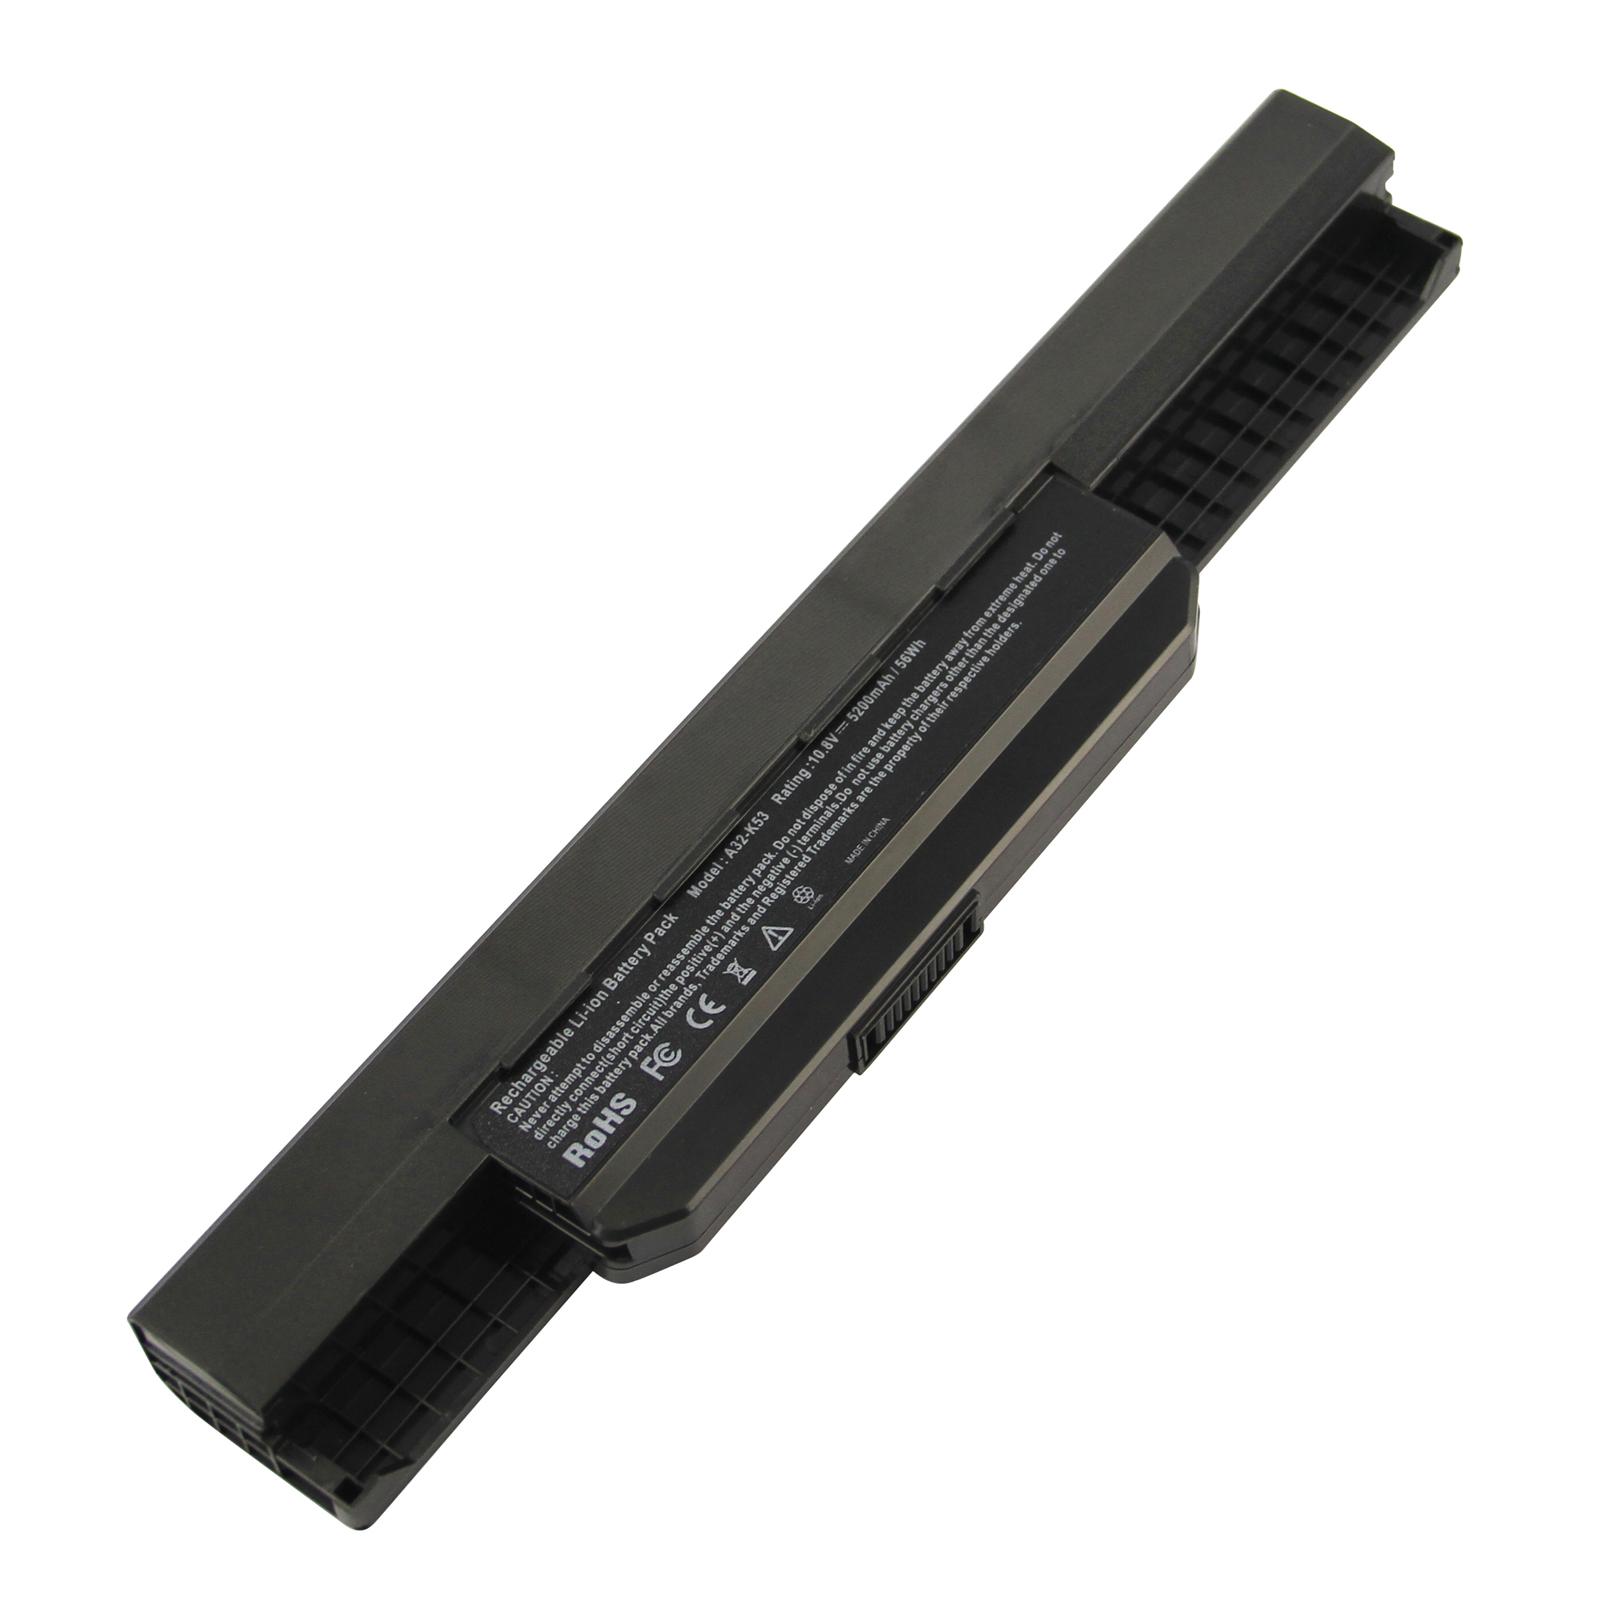 Replacement Battery for ASUS K53 K53E X54C X53S X53 K53S X53E 6cell, A32-K53